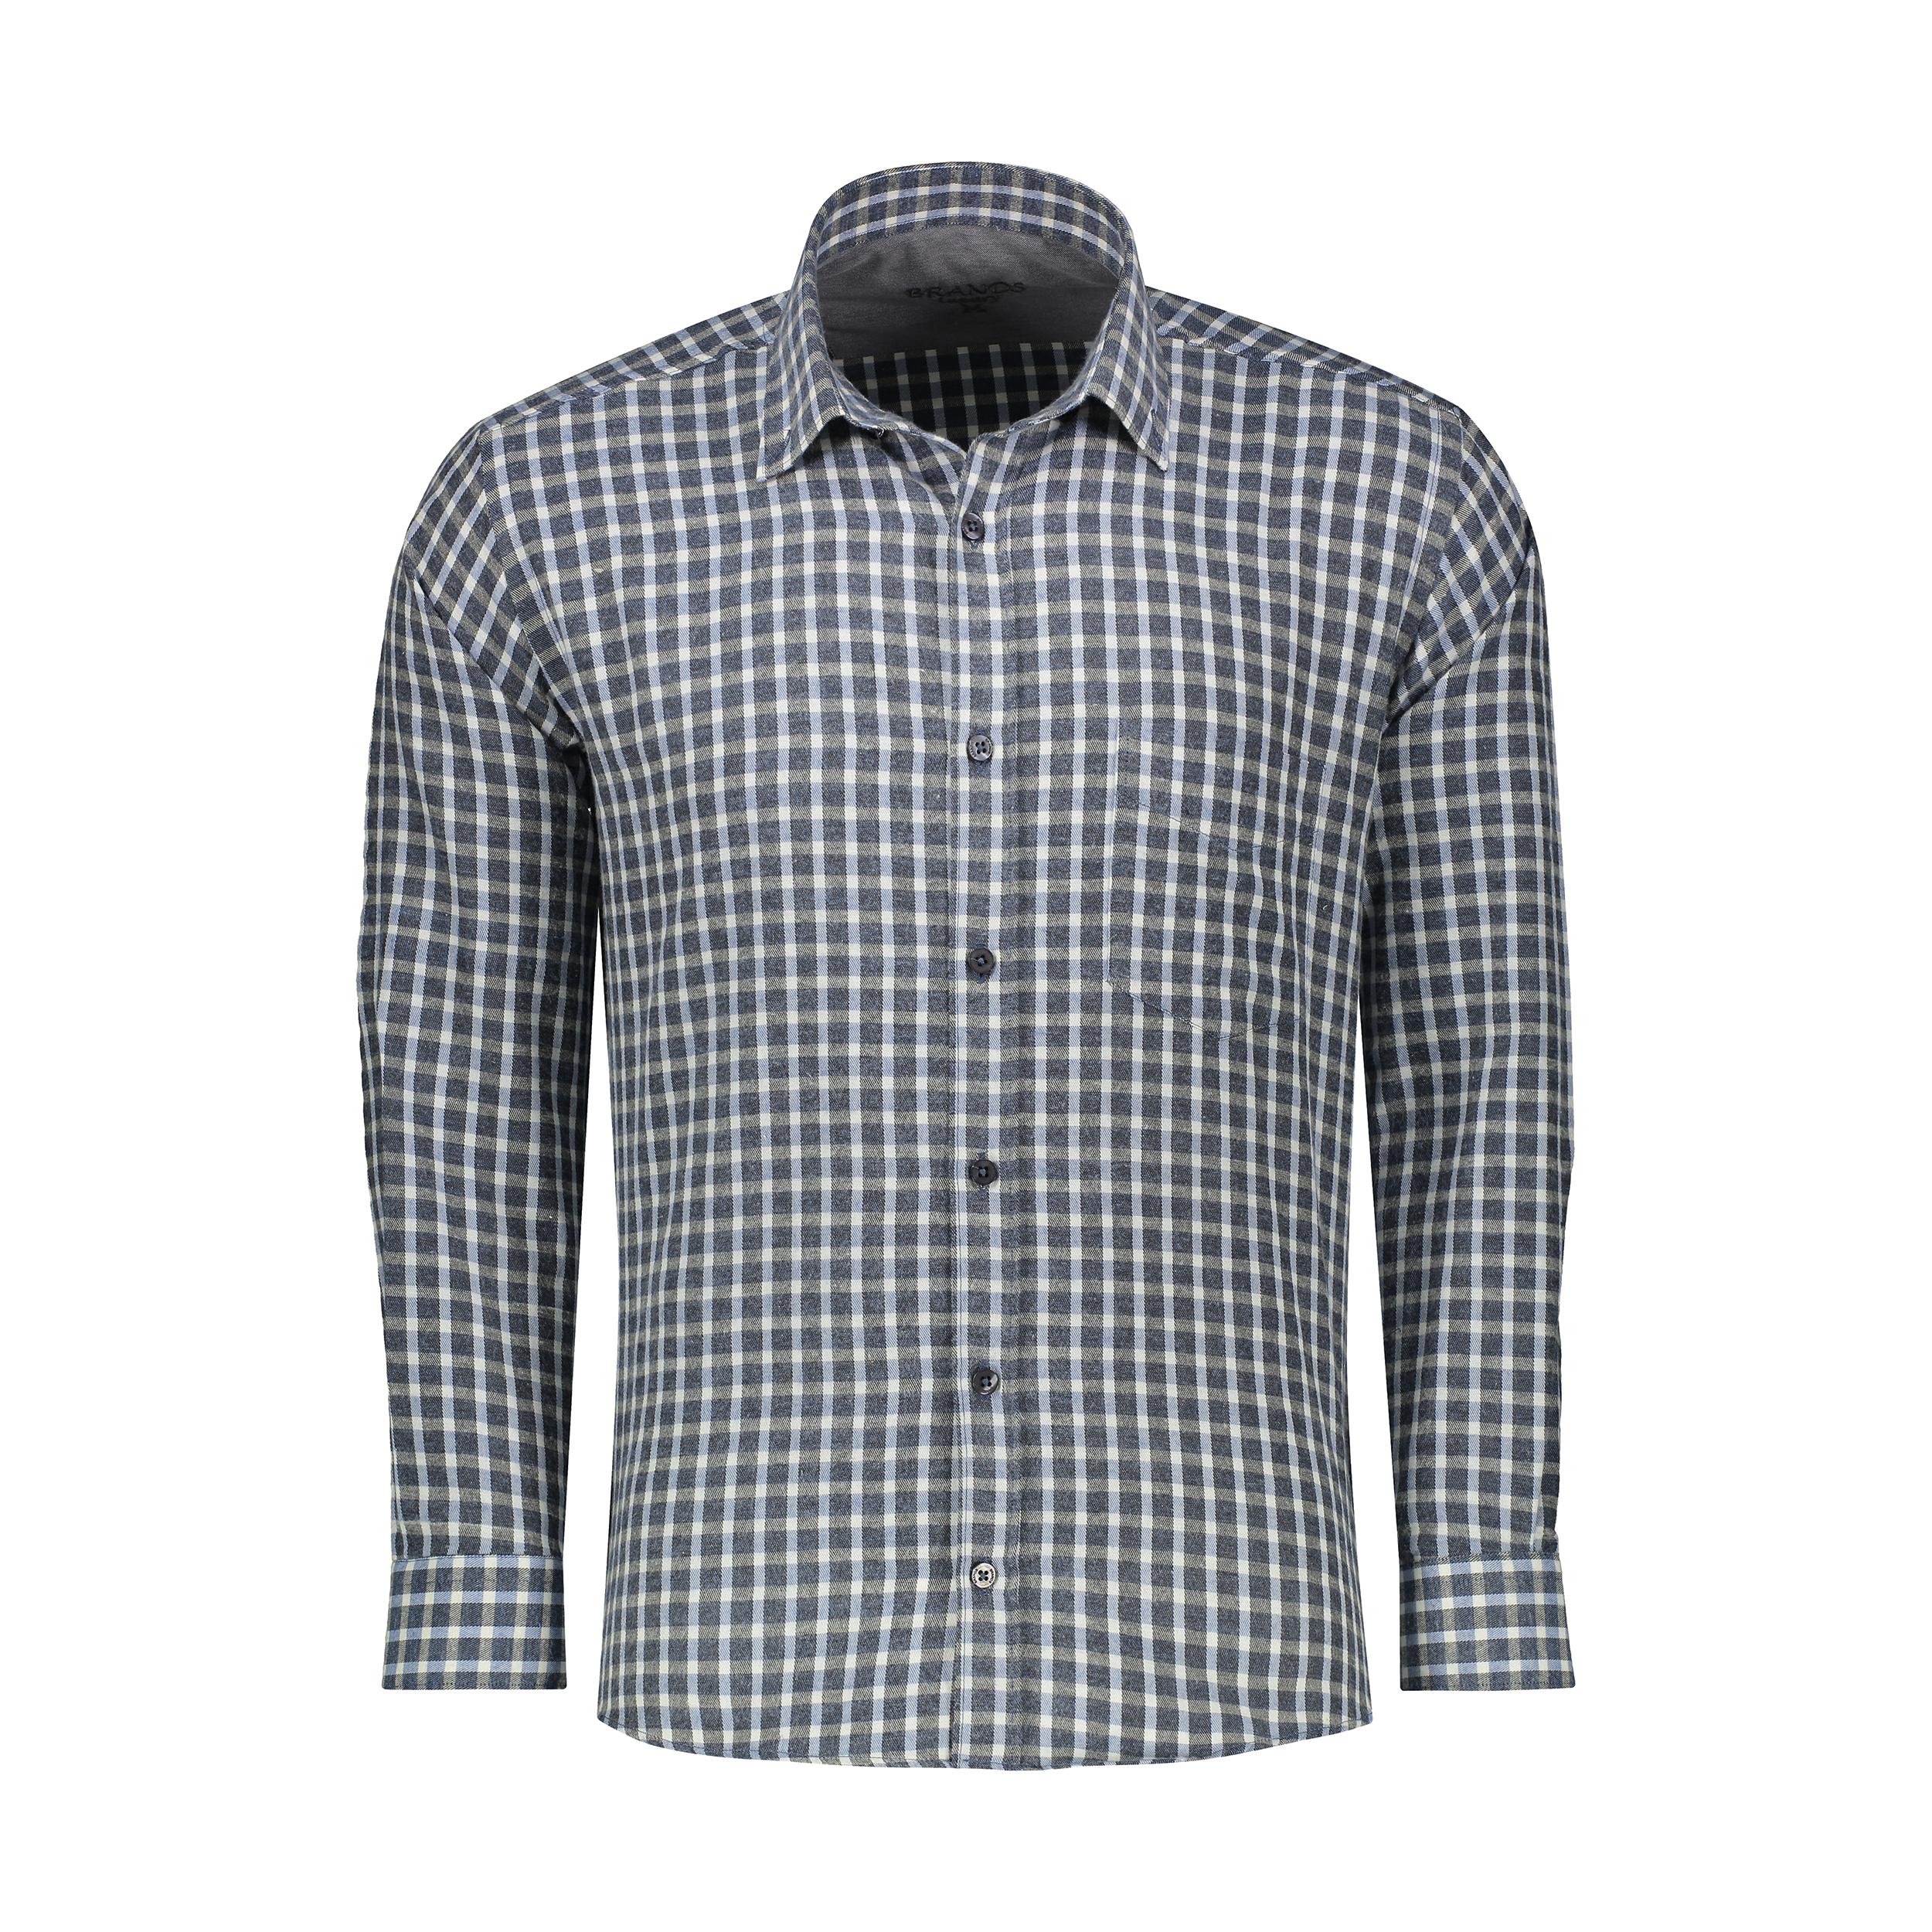 پیراهن آستین بلند مردانه برندس مدل 188403